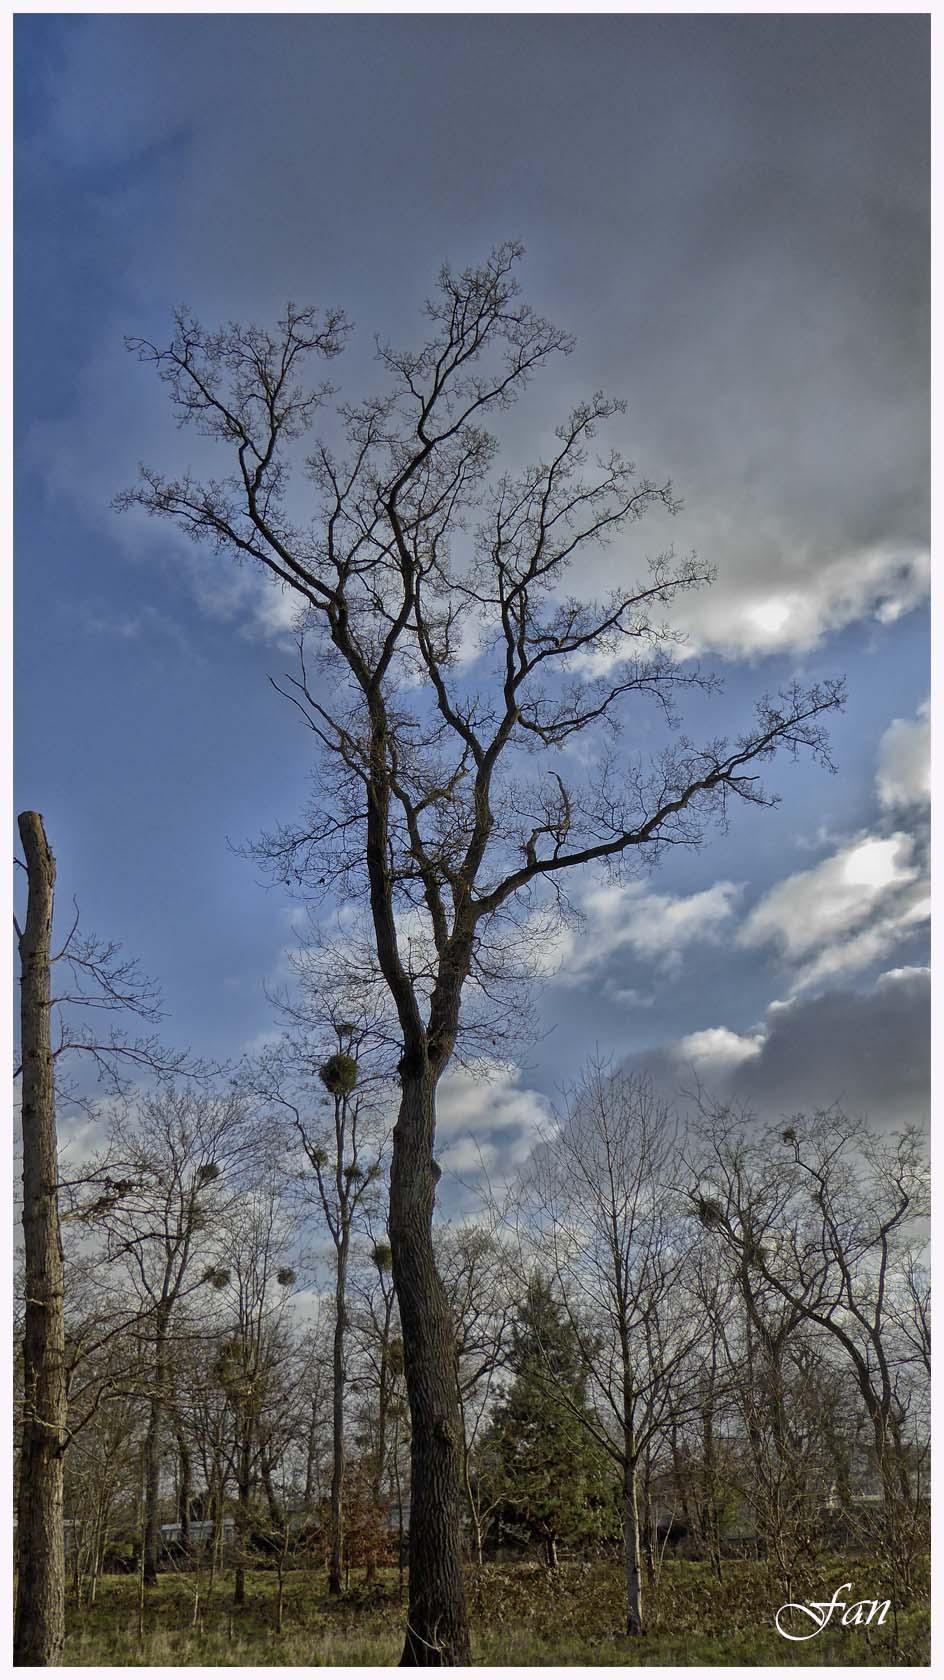 Paysage et nature des yvelines - Page 2 171985P1010933bis